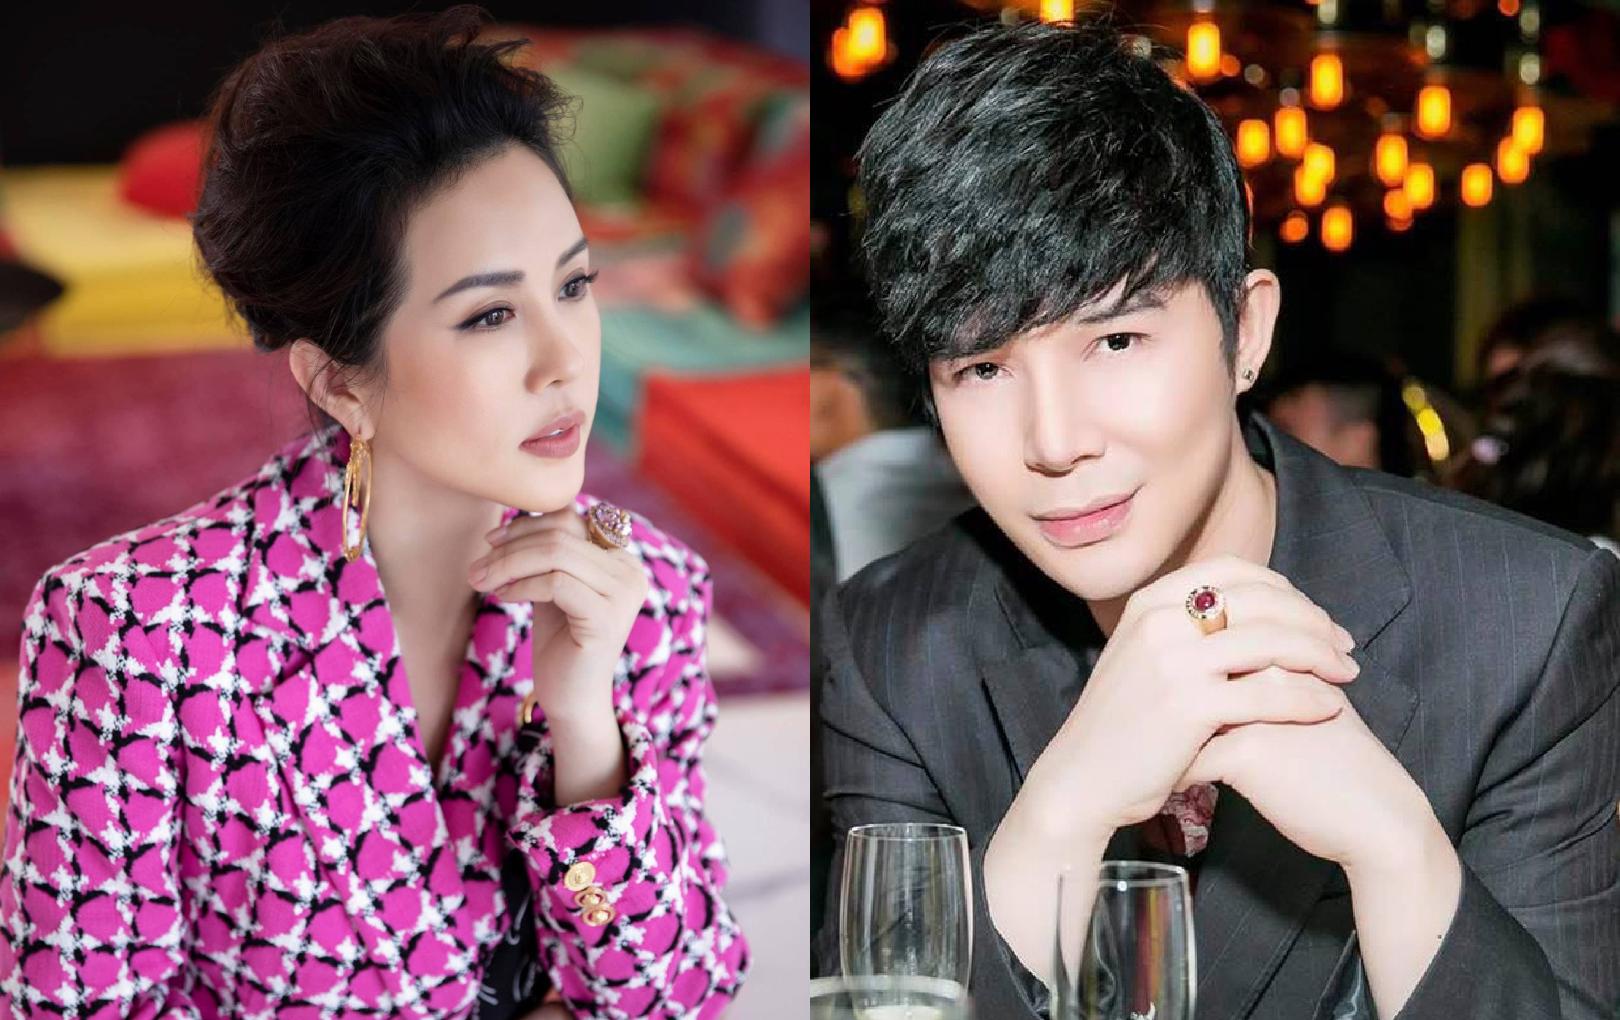 Hoa hậu Thu Hoài đáp trả Nathan Lee: 'Chắc gì nhân phẩm của bạn cao hơn người giúp việc?'